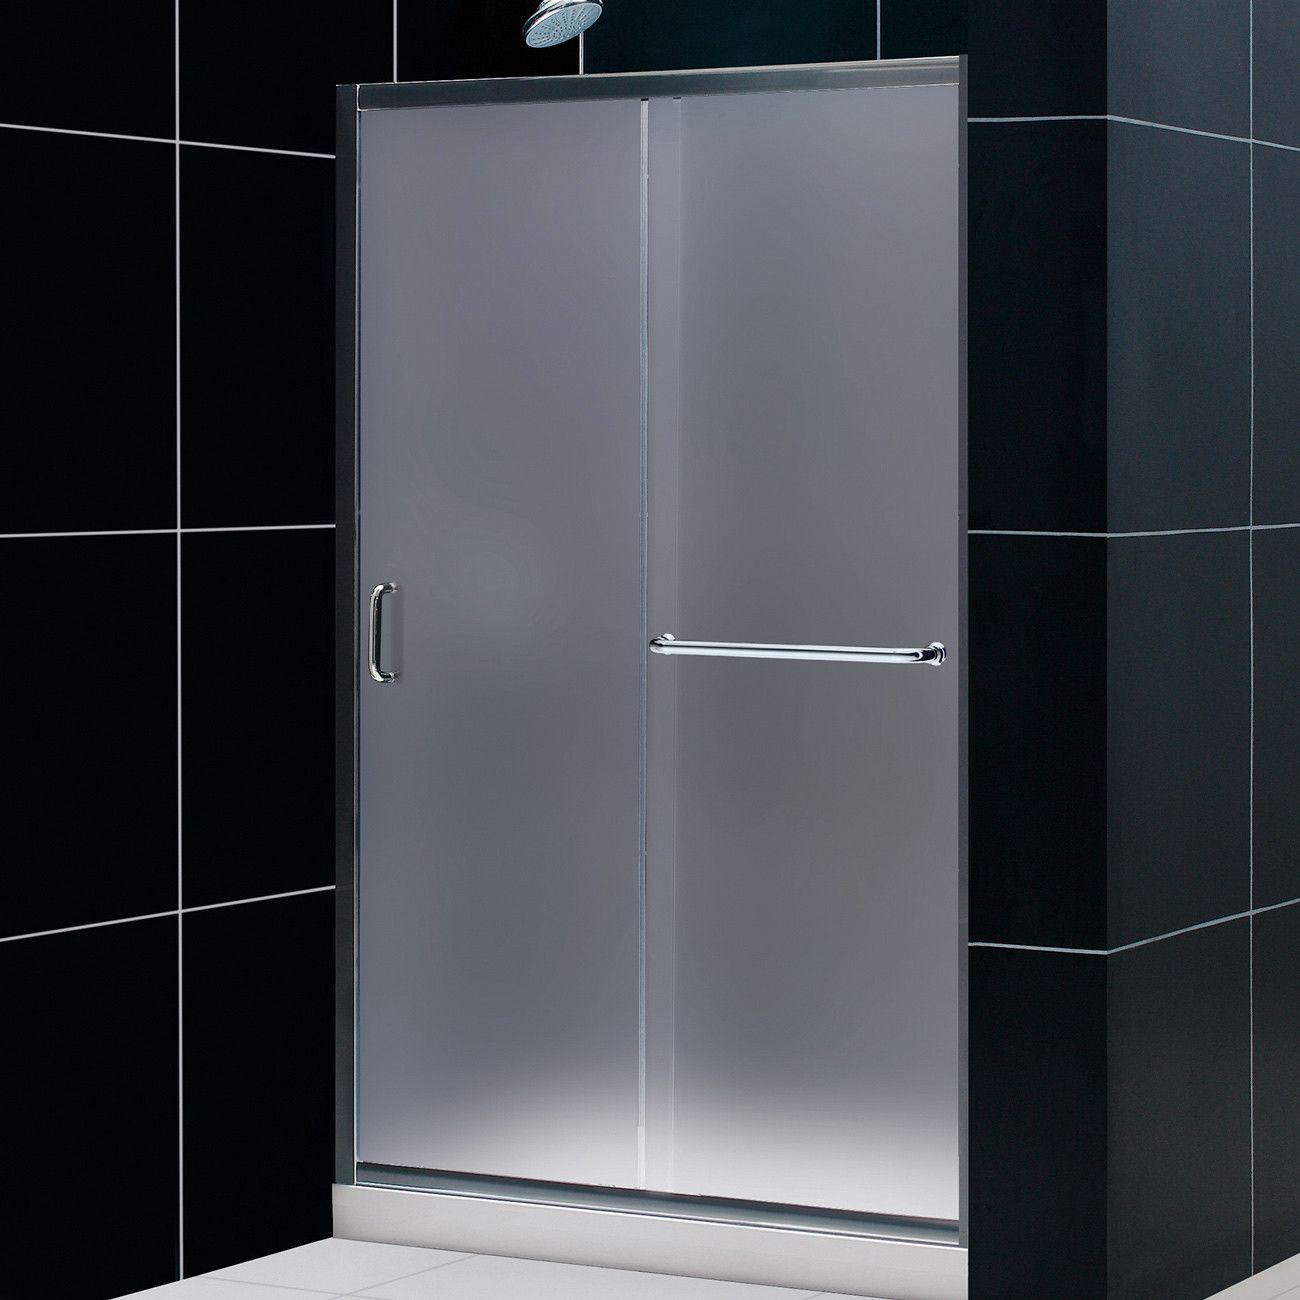 Dreamline Shdr 0948720 04 Fr Infinity Z 44 To 48 Sliding Shower Door Frosted 1 4 Glass Nick Shower Doors Frameless Sliding Shower Doors Sliding Shower Door